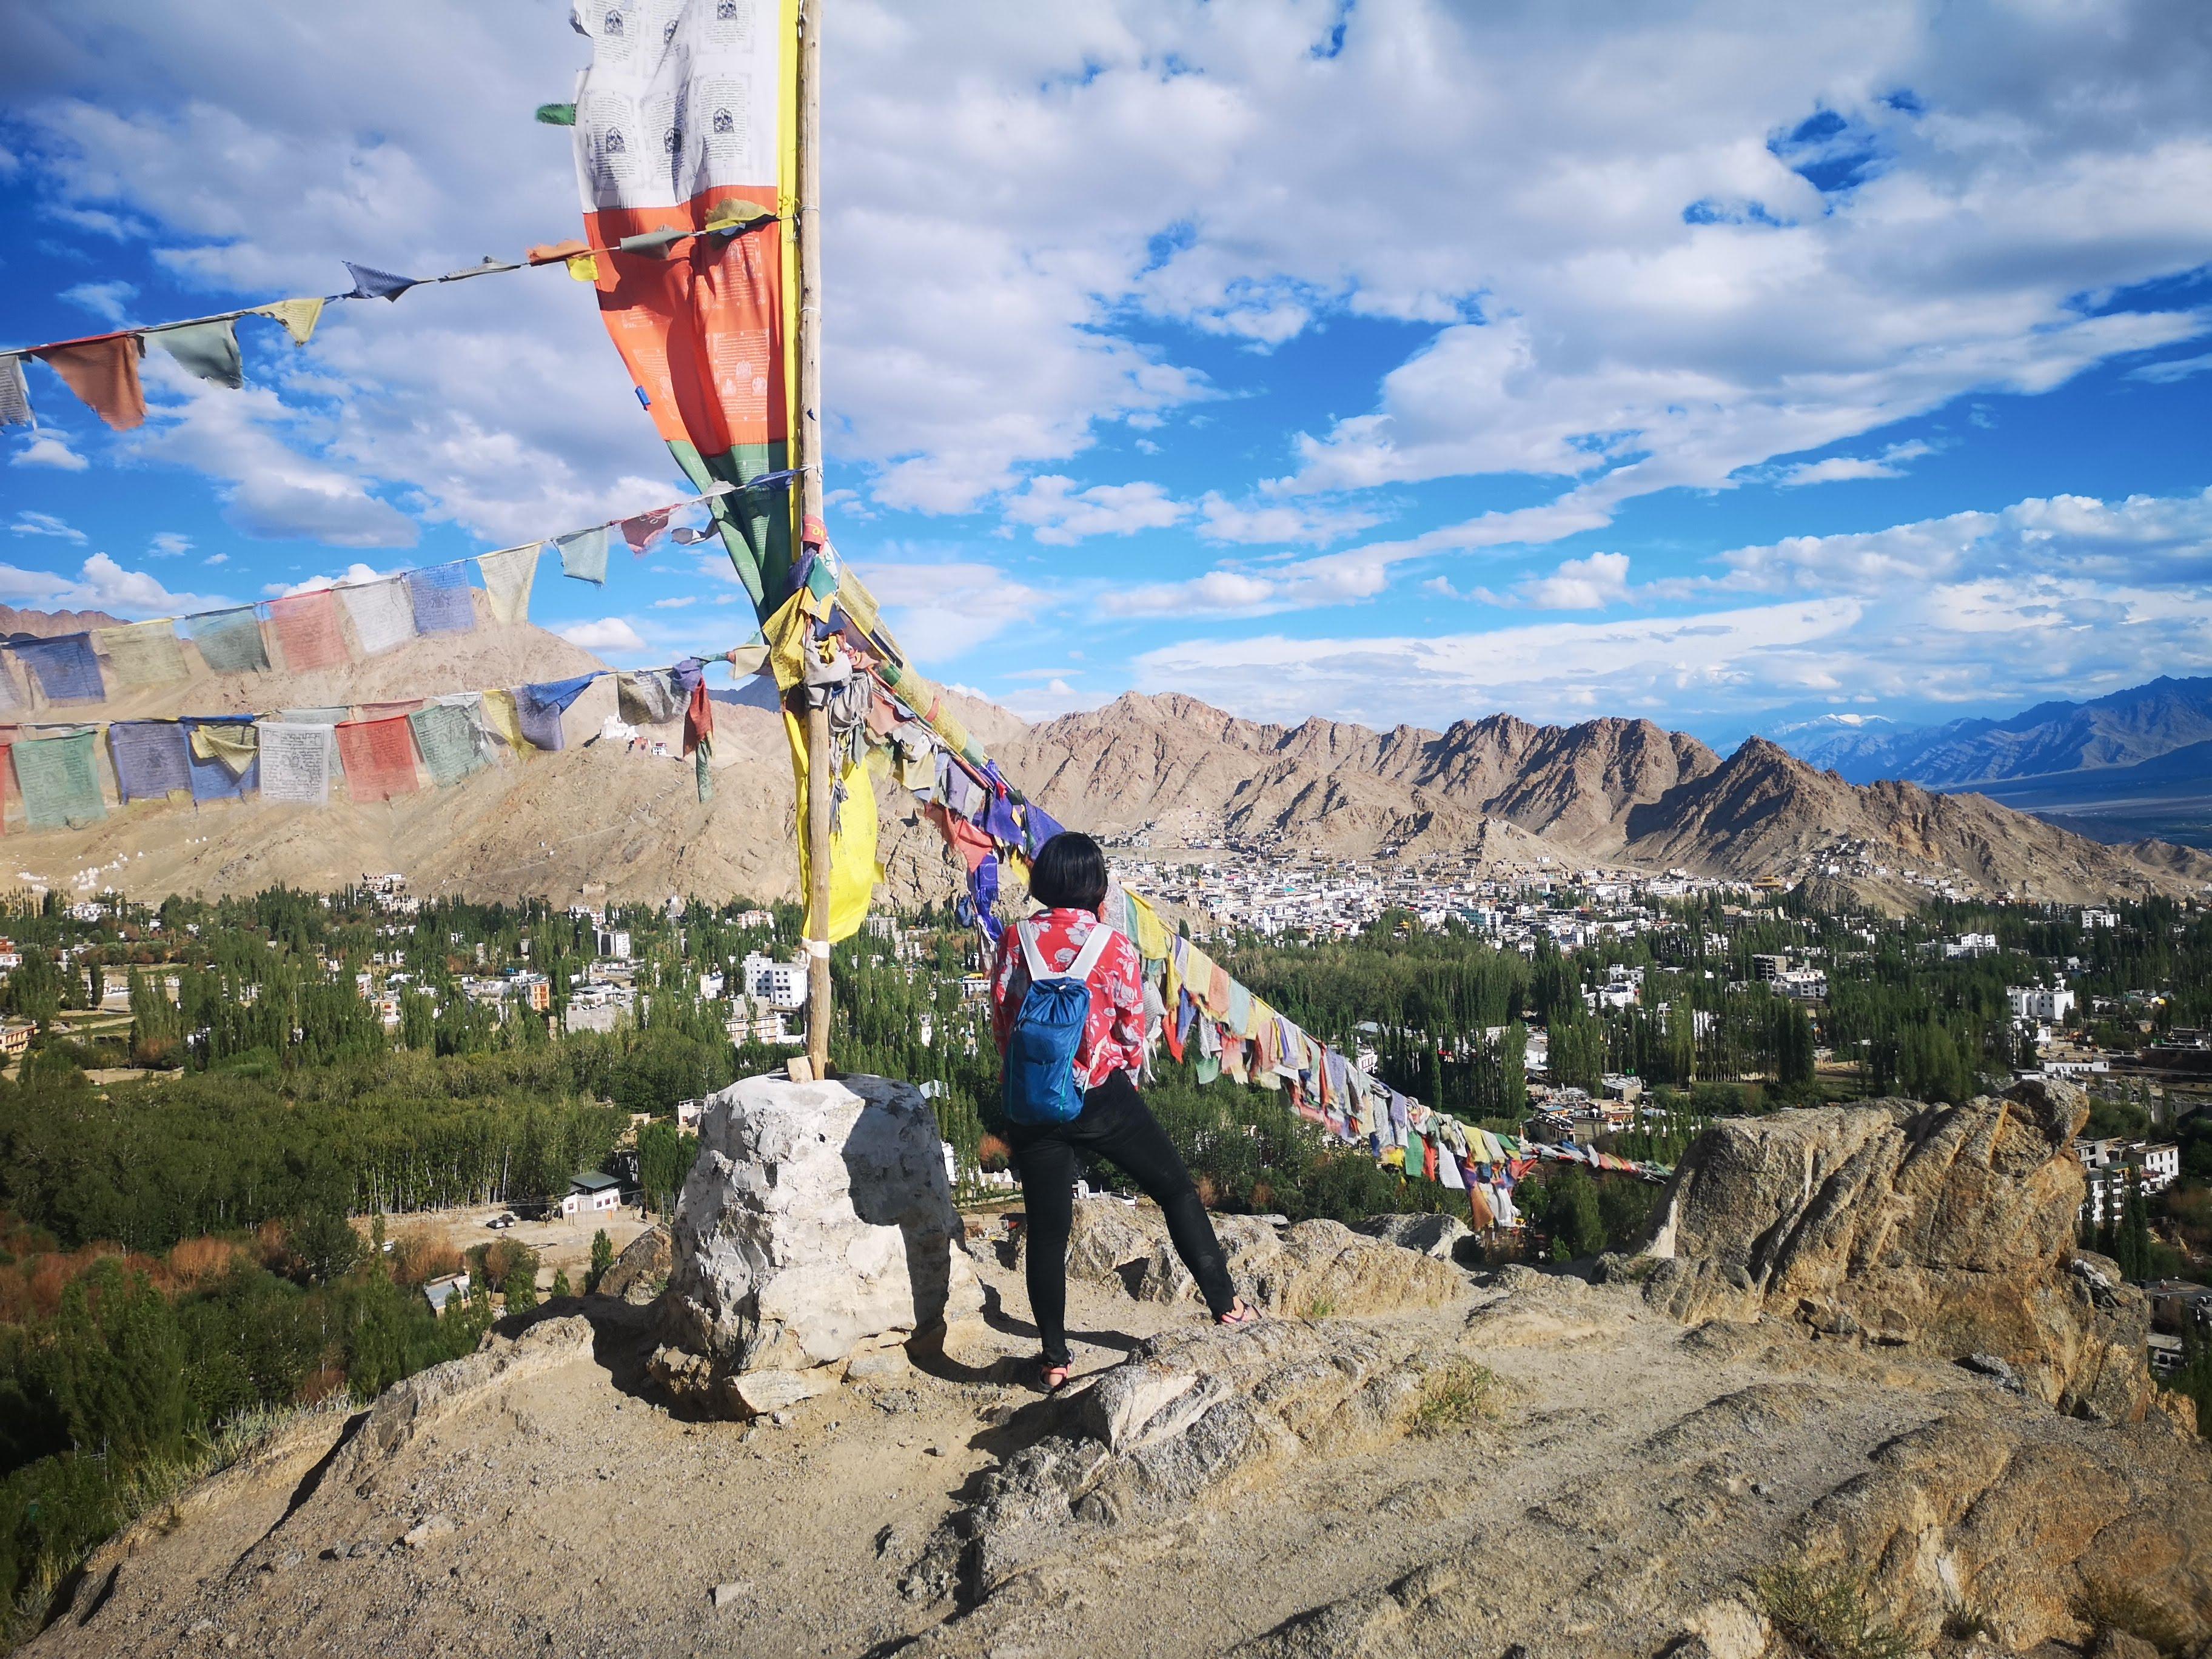 【2019印度自助】列城市區一日遊:列城王宮+香提佛寺